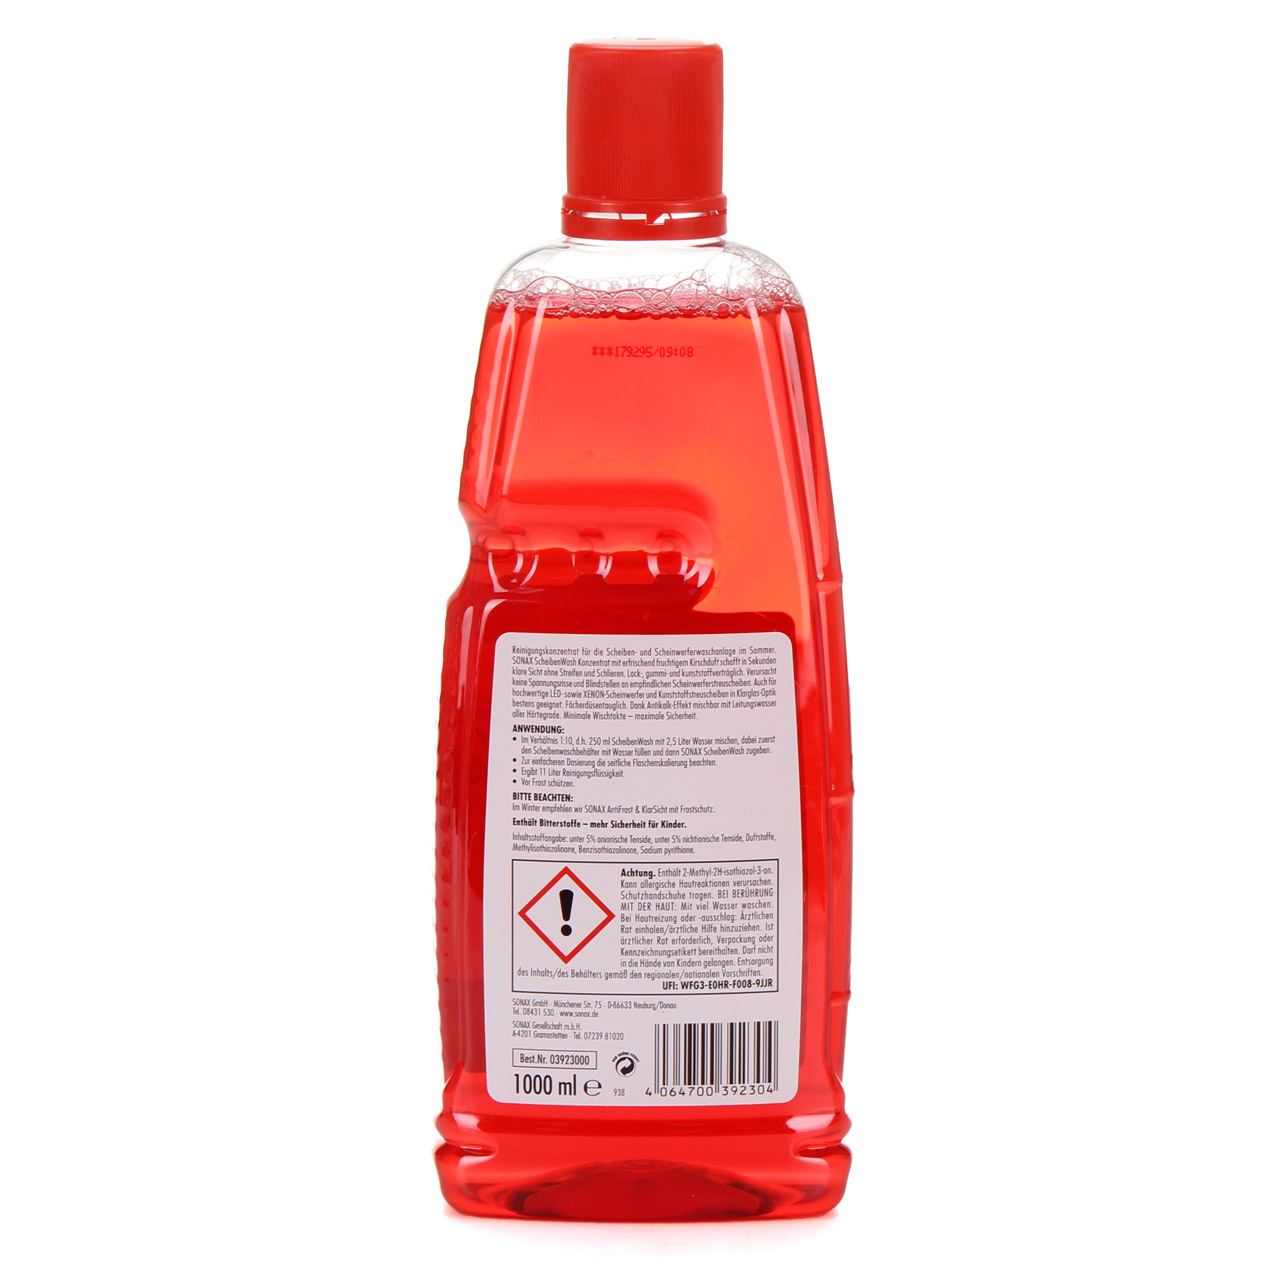 SONAX 392300 ScheibenWash 1:10 Konzentrat Scheibenreiniger Cherry Kick 1L